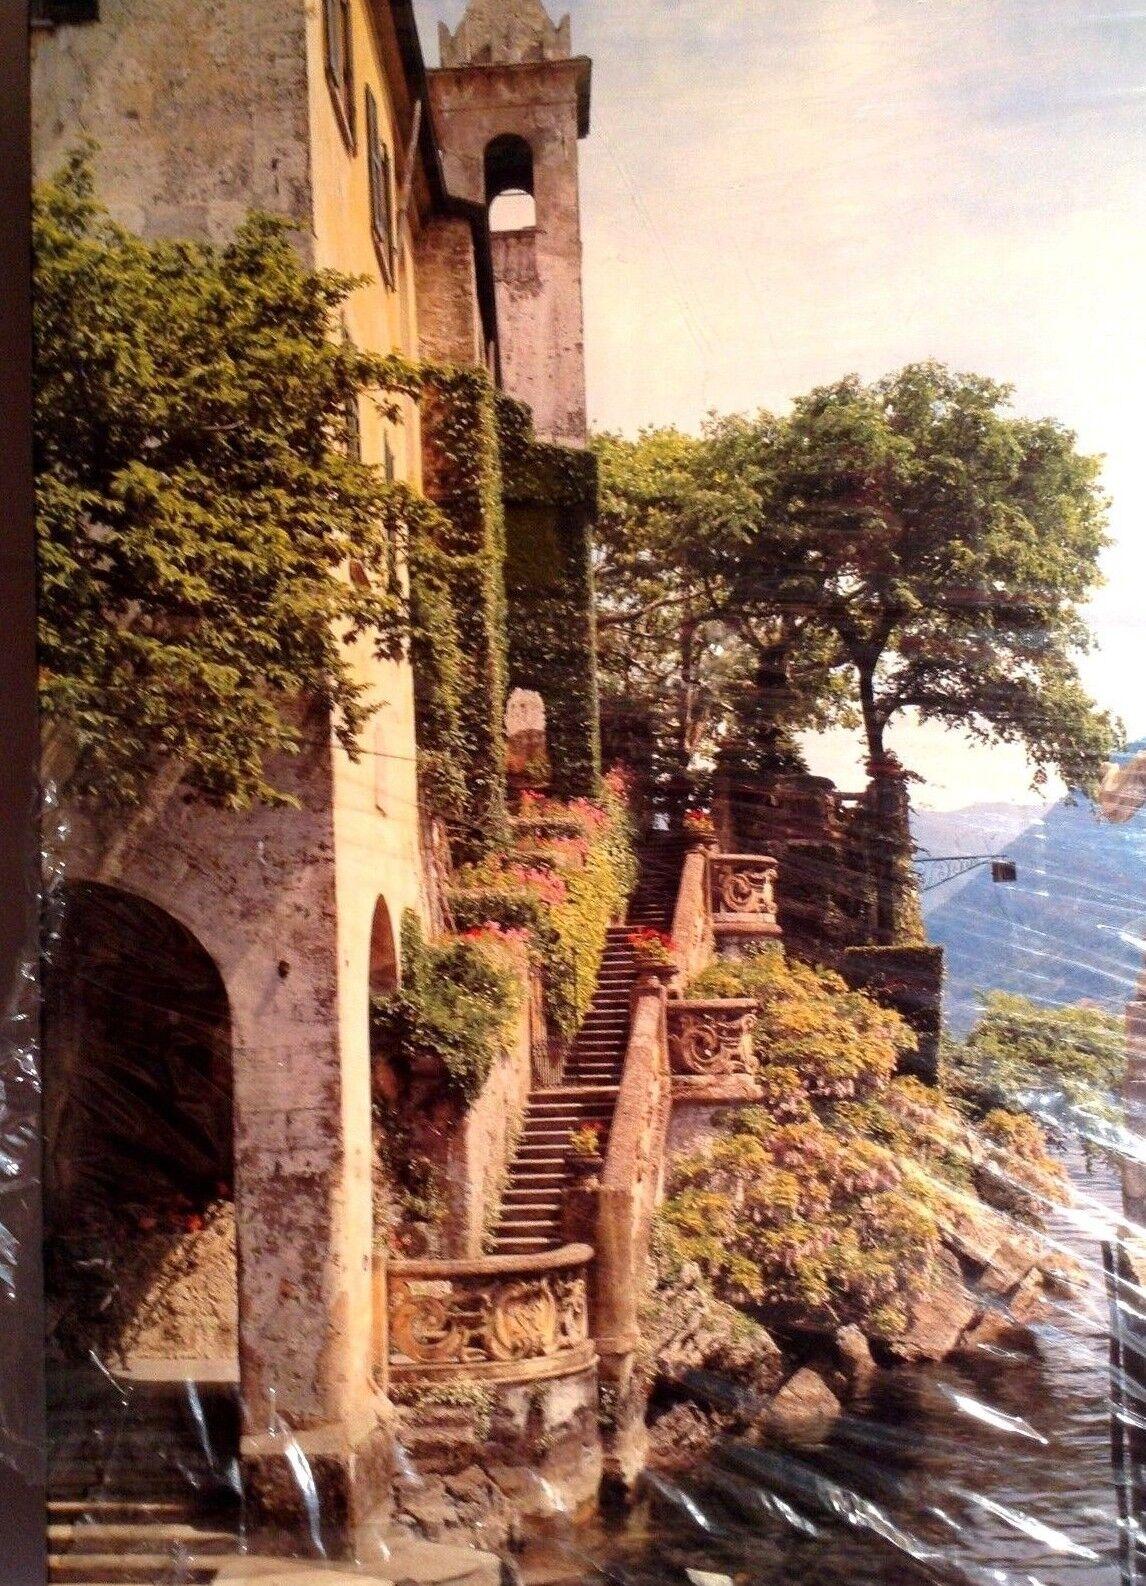 Villa arconati, jumbo - 1500 - puzzle